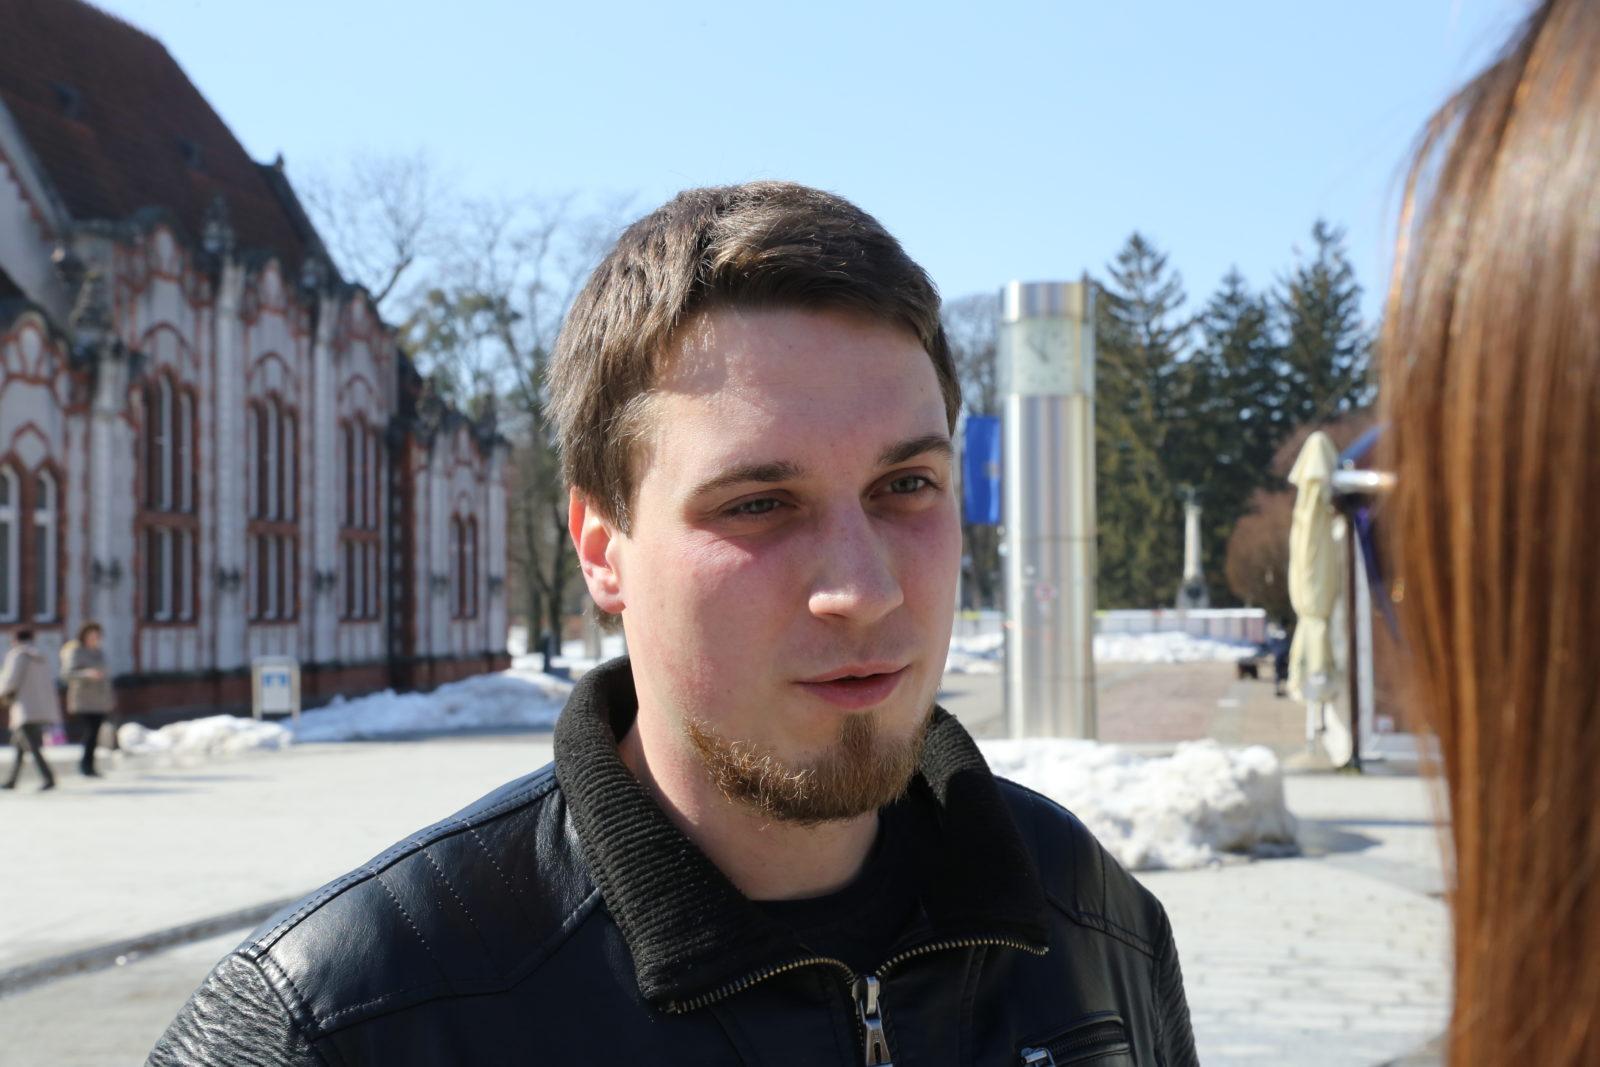 Robert Pankaz